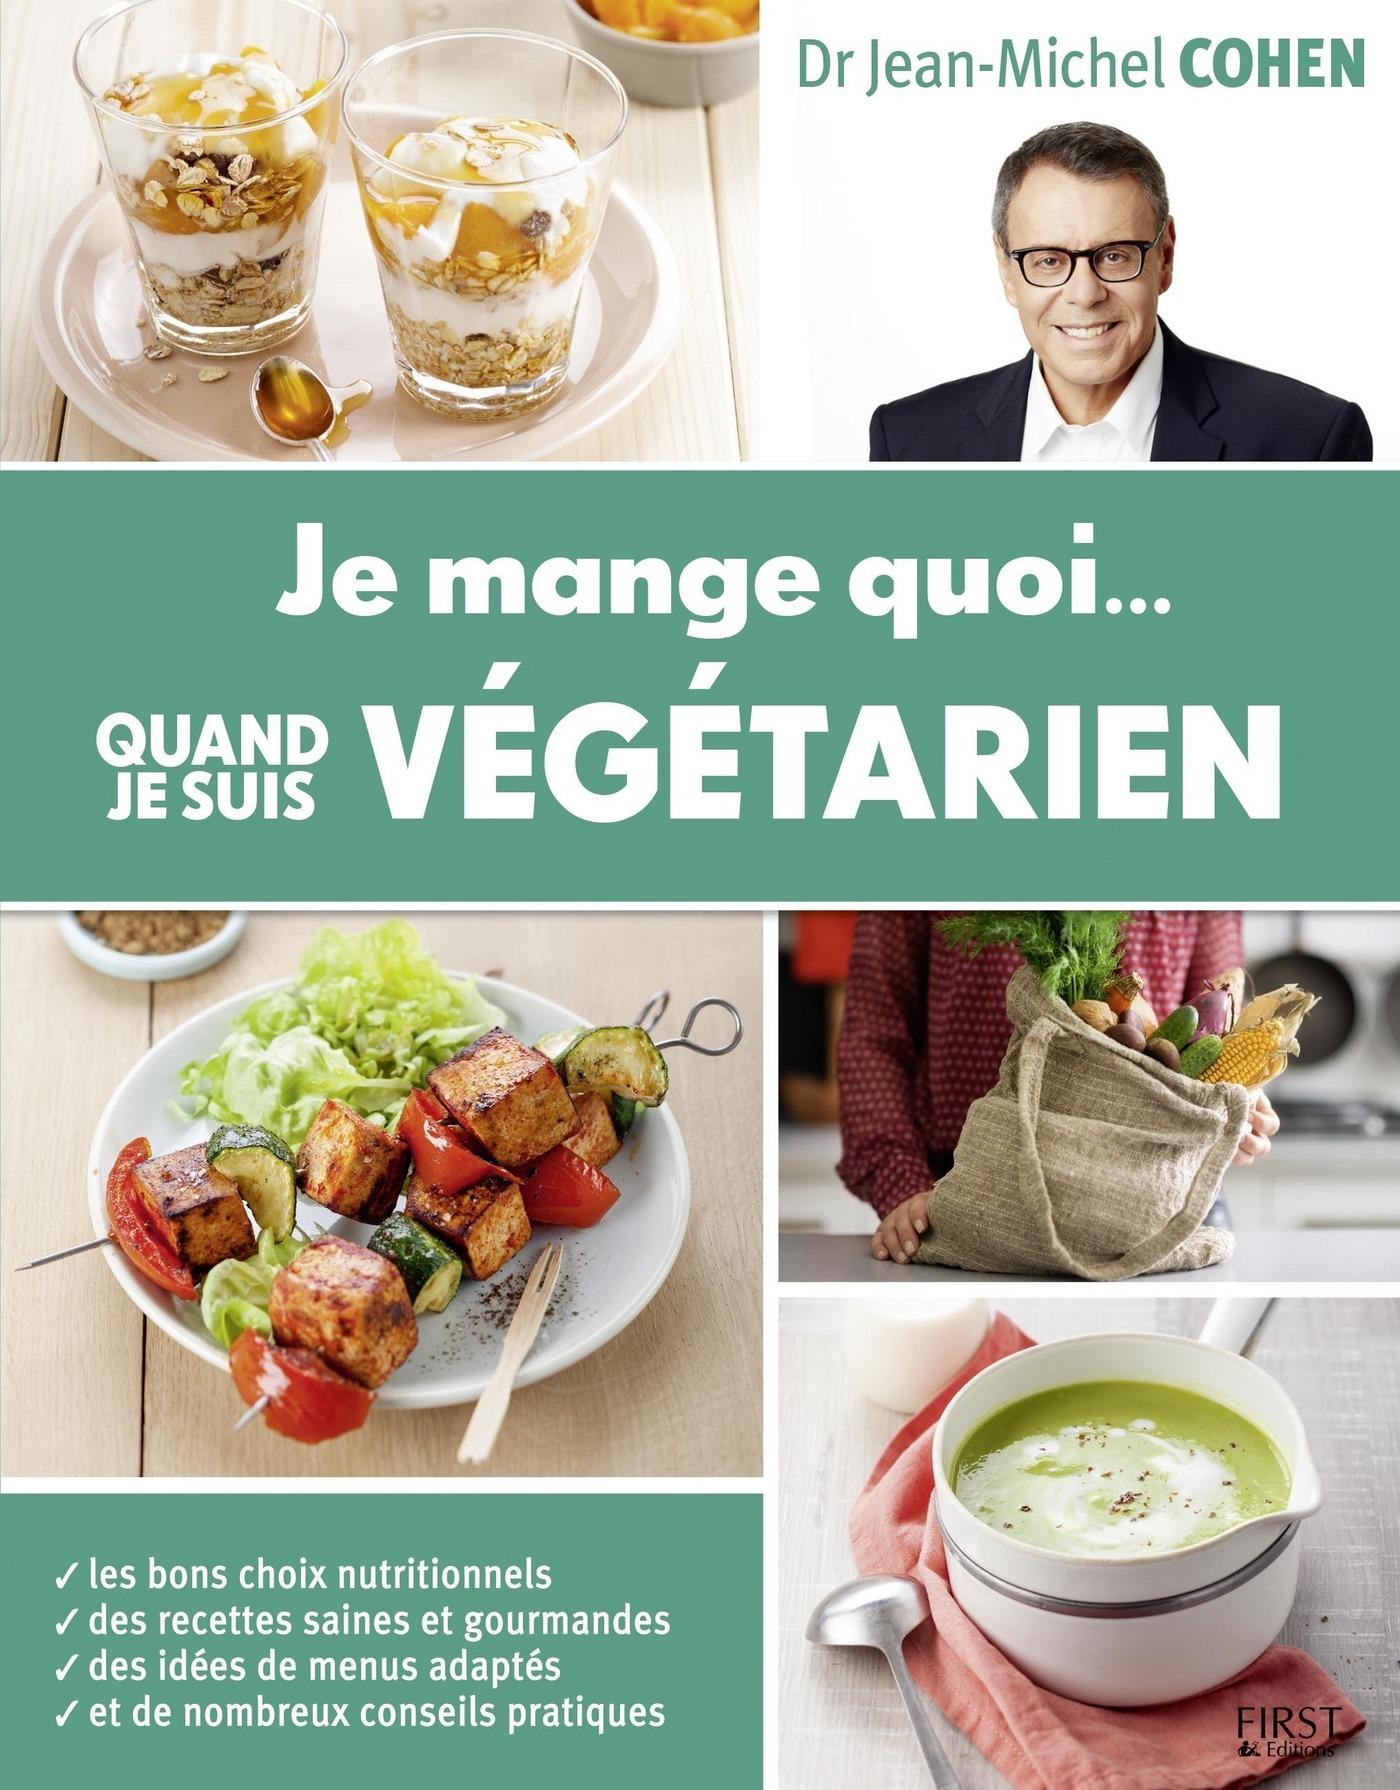 Je mange quoi quand je suis végétarien